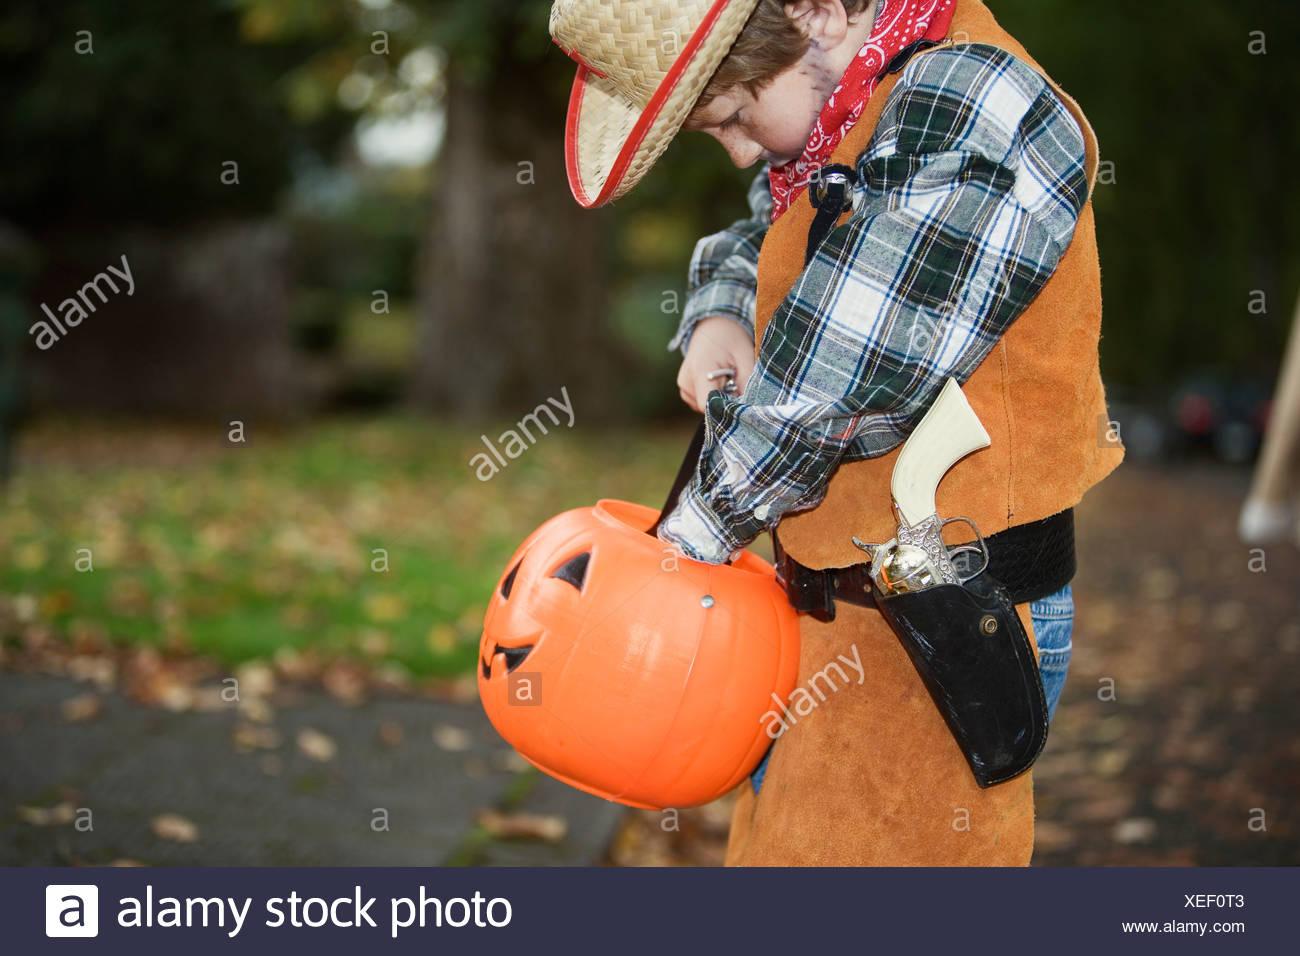 Halloween Dress Up Stockfotos & Halloween Dress Up Bilder - Seite 3 ...